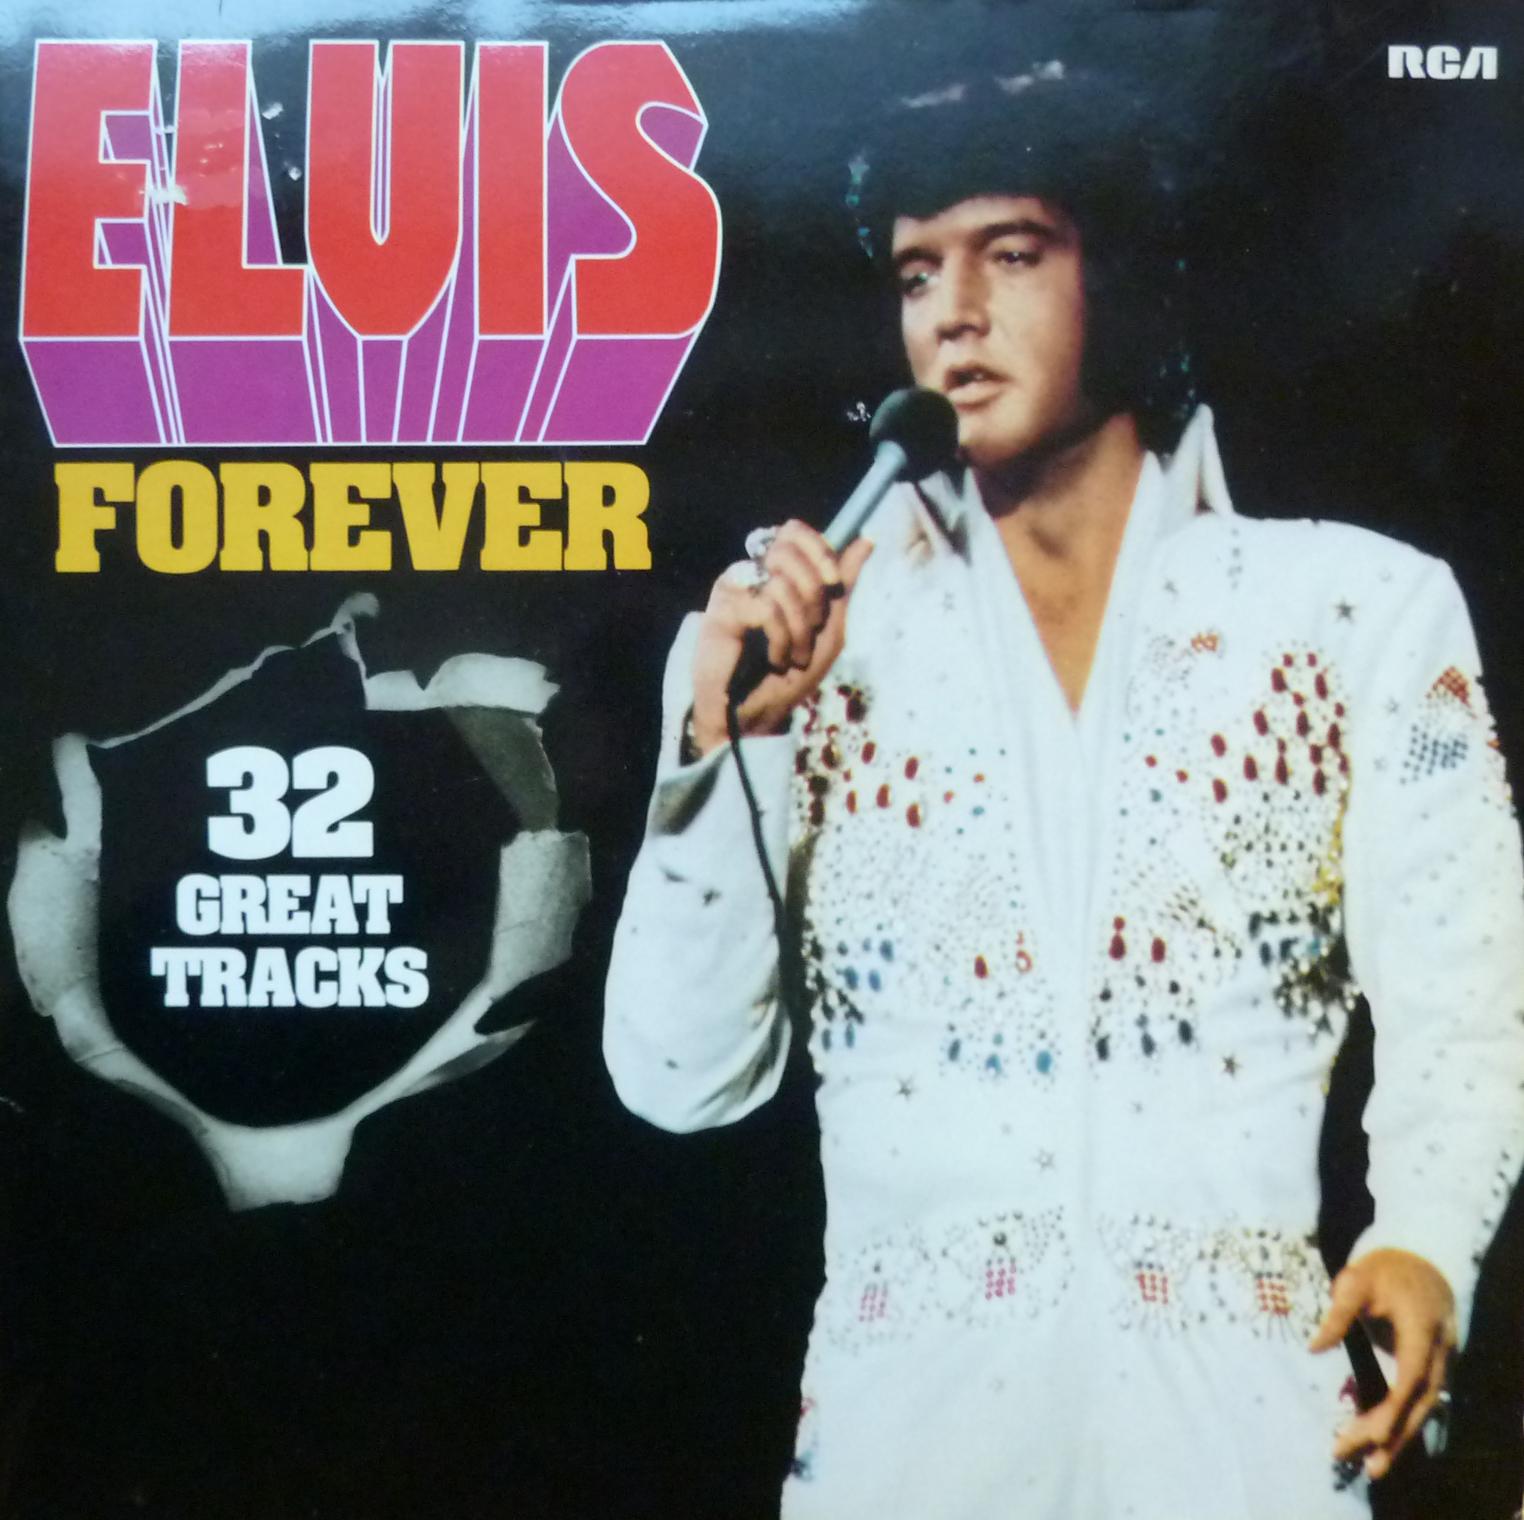 ELVIS FOREVER - 32 HITS Elvisforever90frontpgj1e